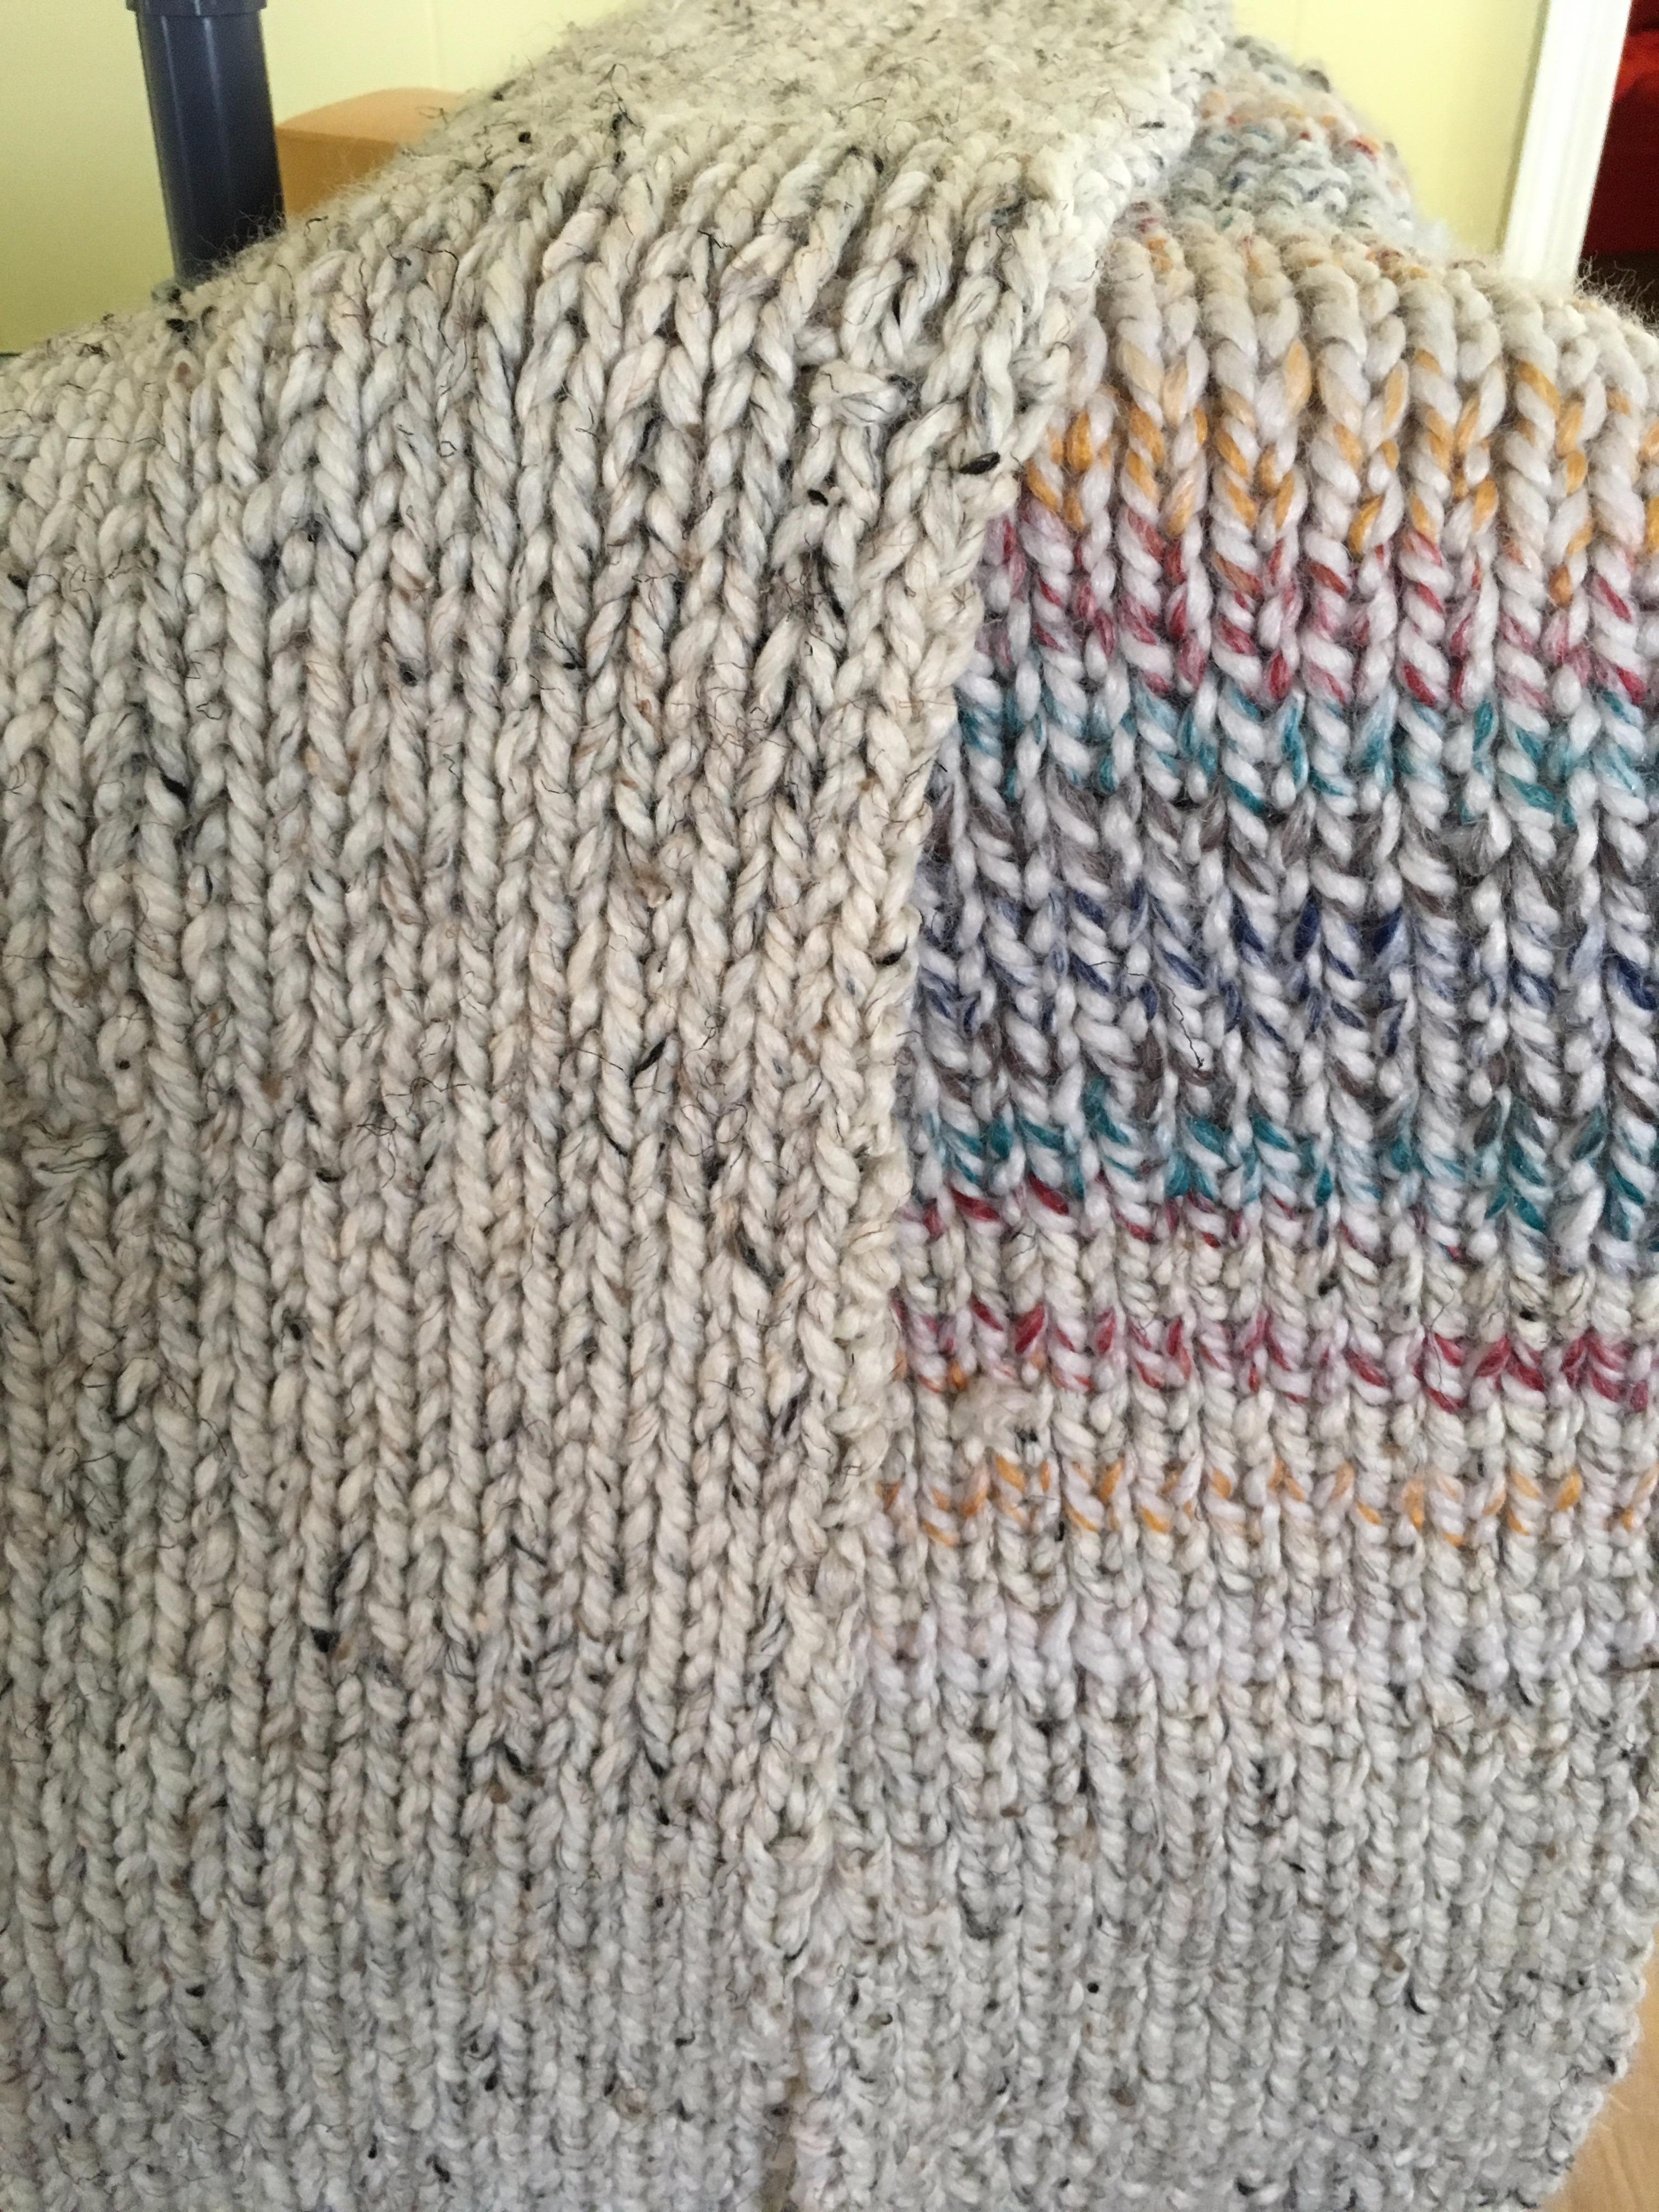 Second scarf: Purl stitch